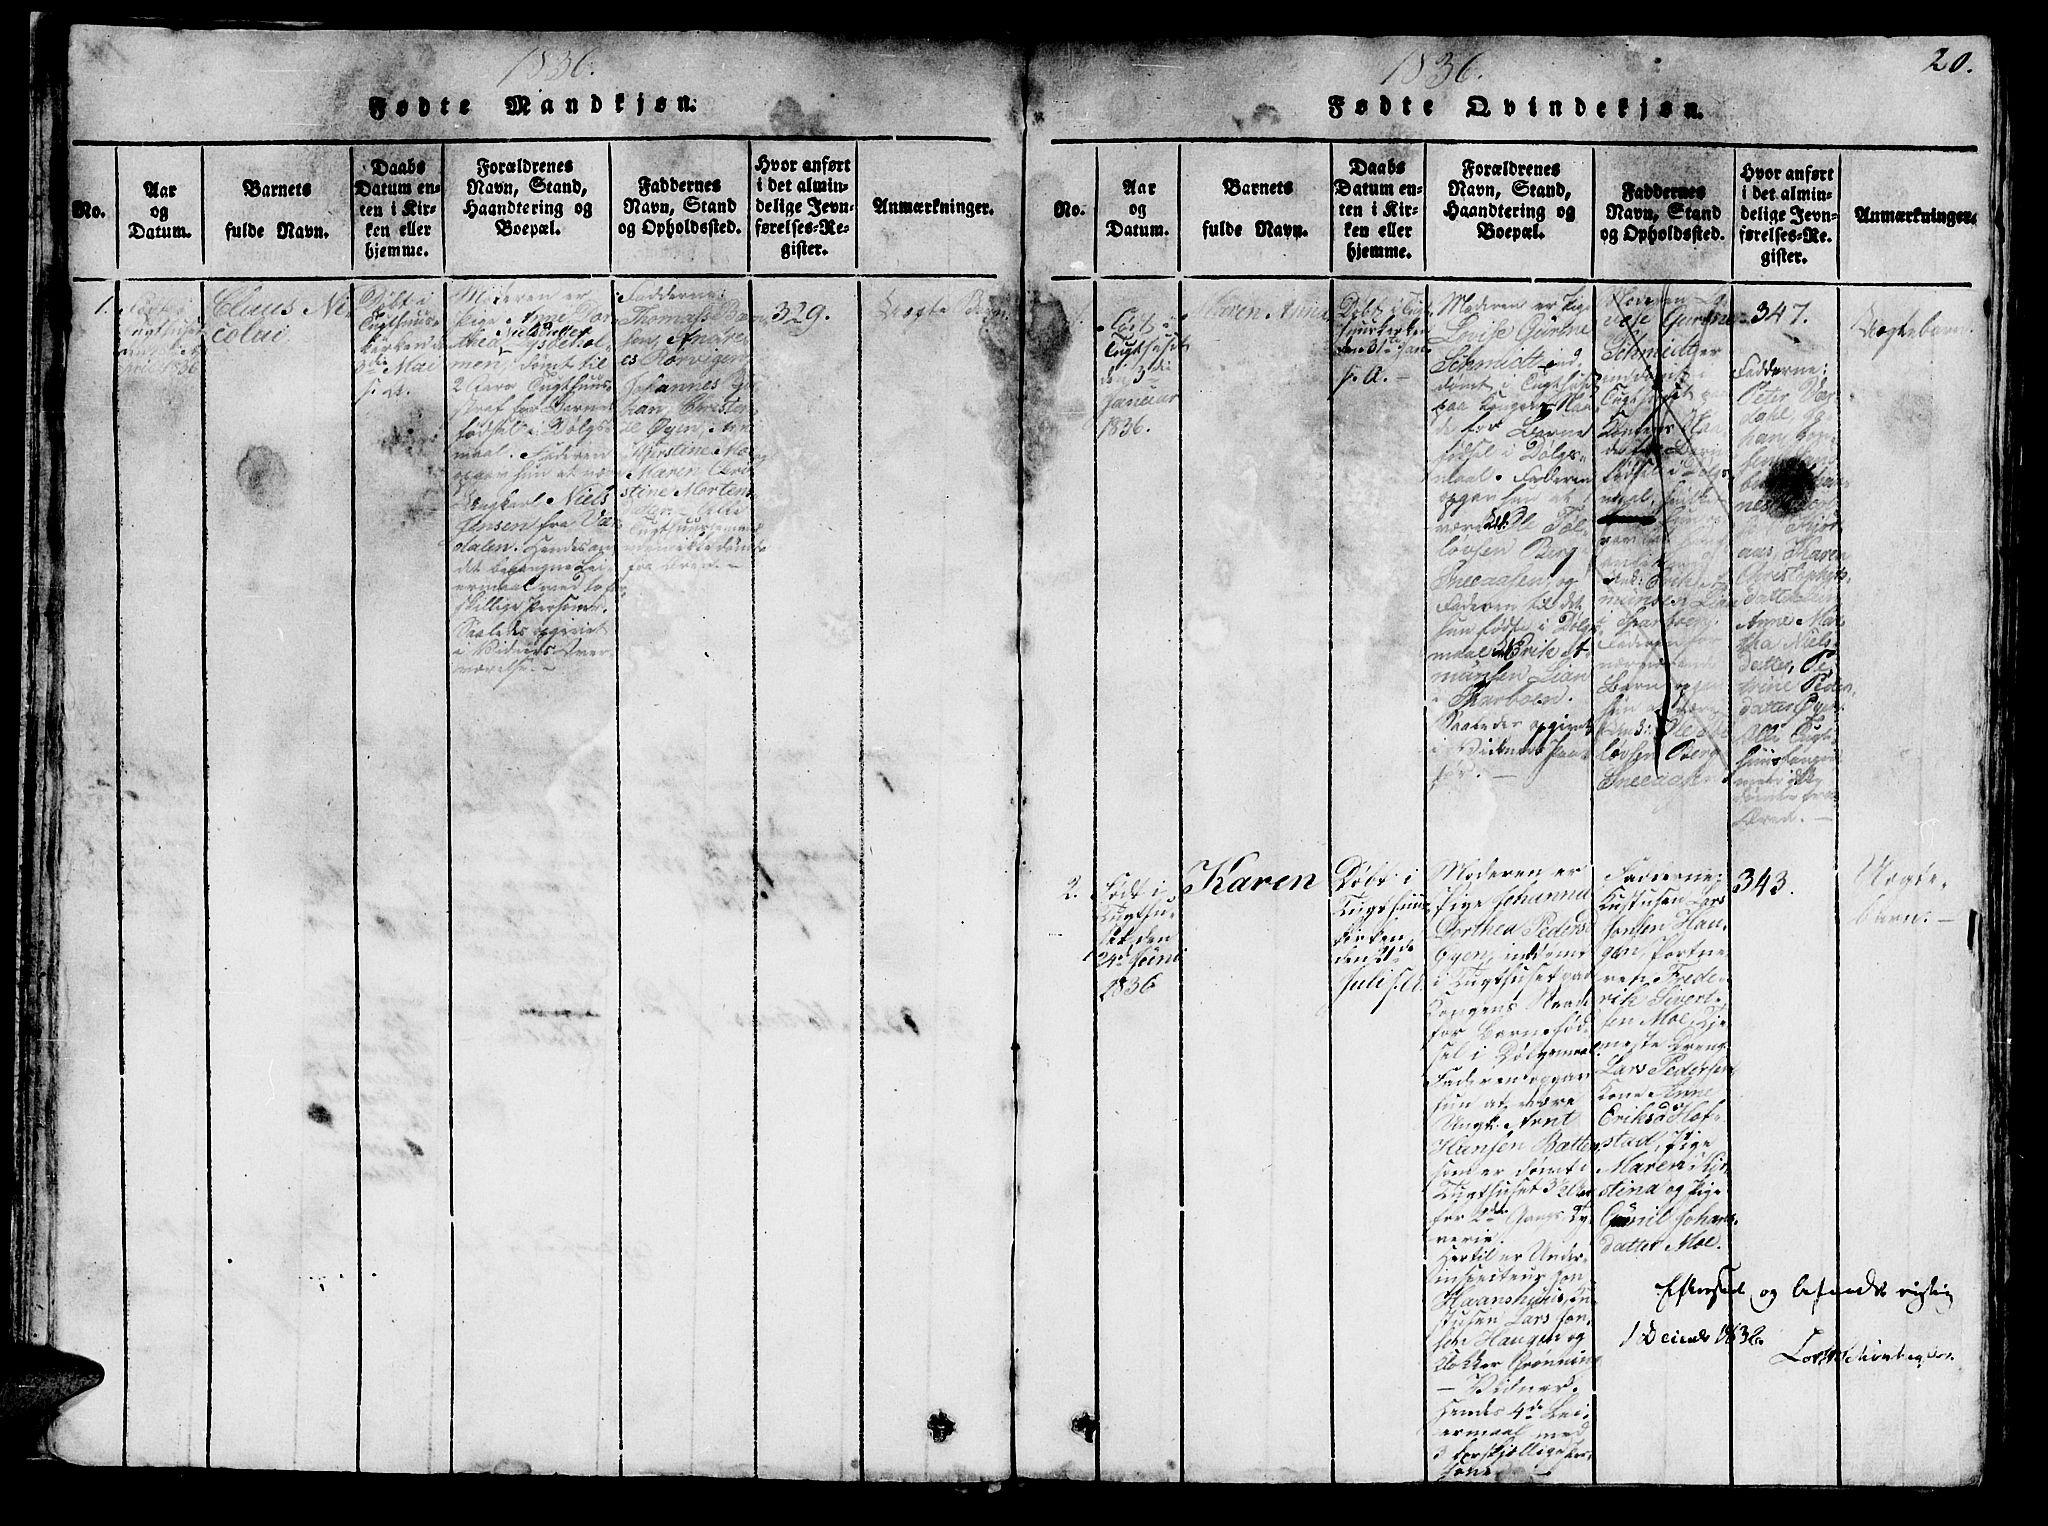 SAT, Ministerialprotokoller, klokkerbøker og fødselsregistre - Sør-Trøndelag, 623/L0478: Klokkerbok nr. 623C01, 1815-1873, s. 20